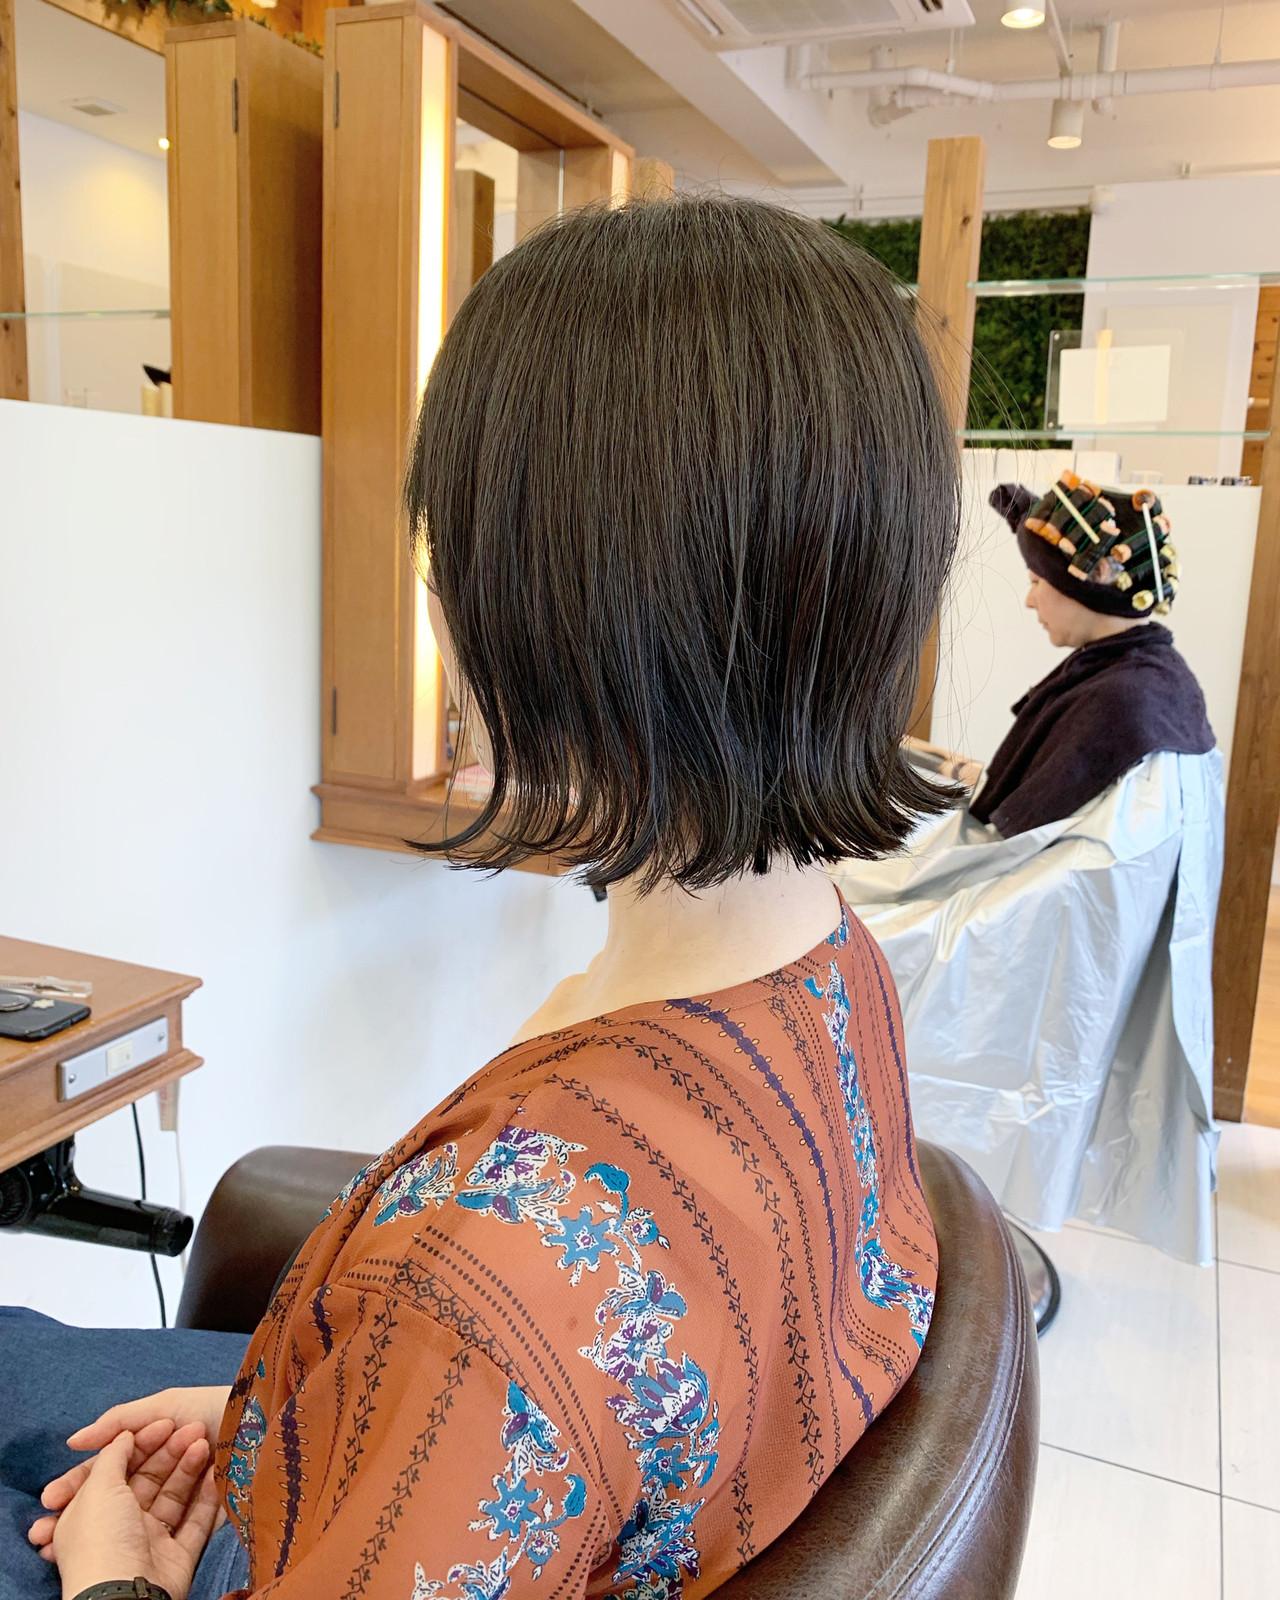 前下がりボブ 大人可愛い ショート レイヤーボブ ヘアスタイルや髪型の写真・画像